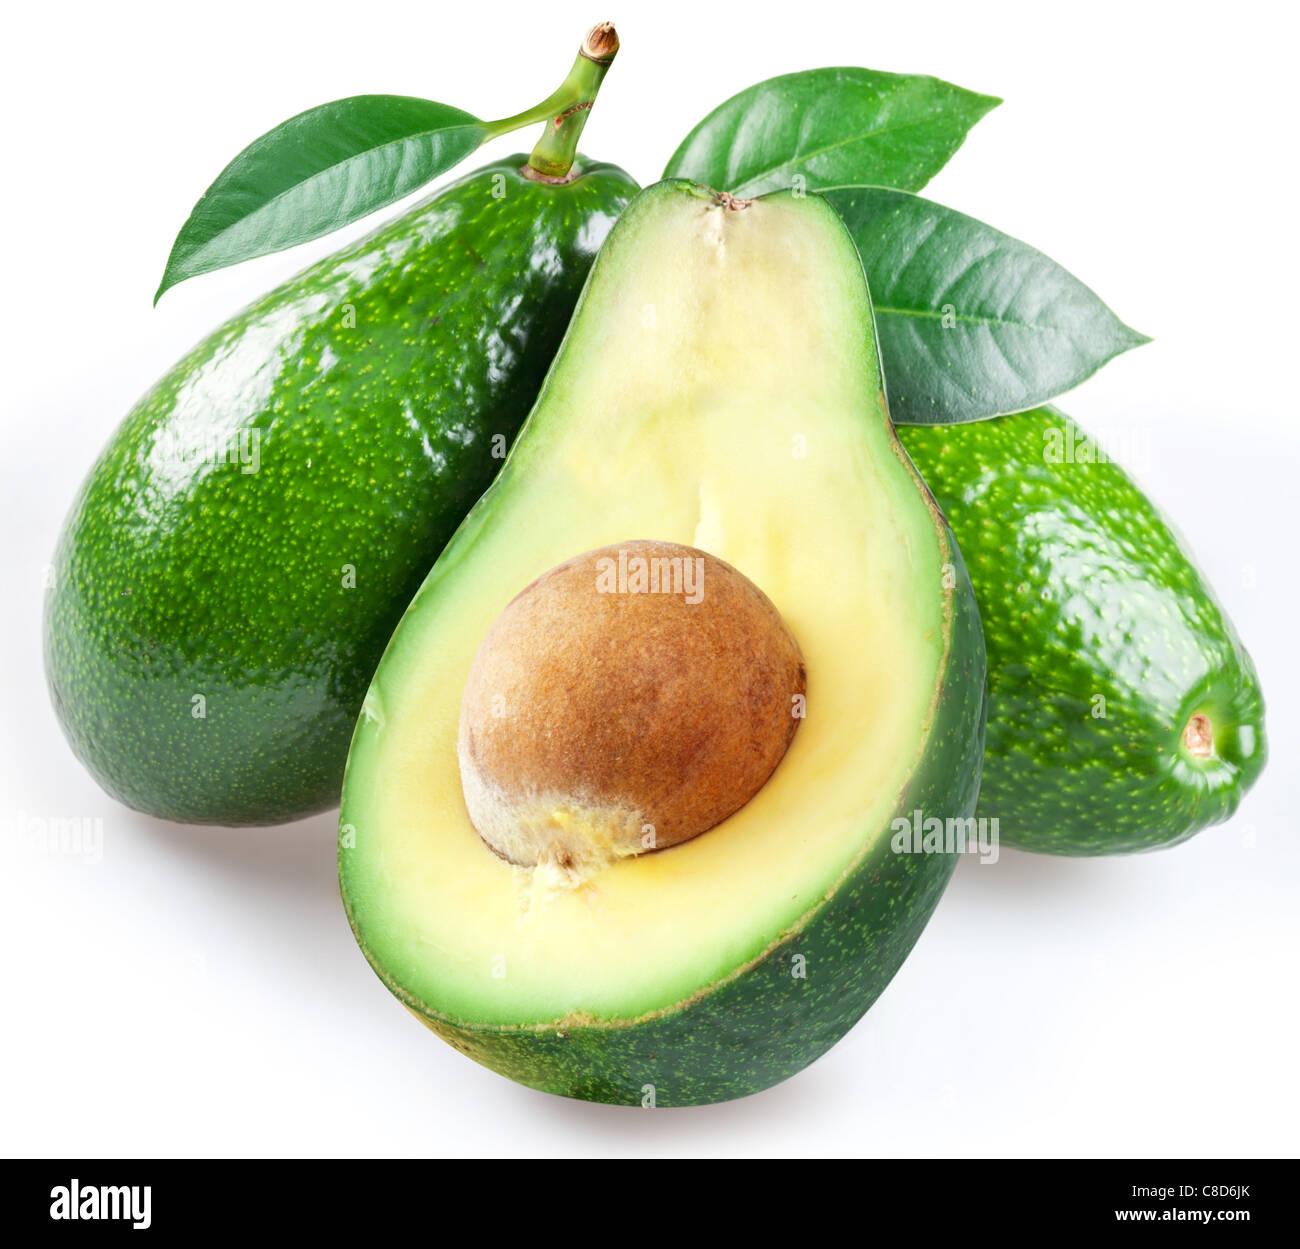 Reife Avocados mit Blättern auf einem weißen Hintergrund. Stockbild